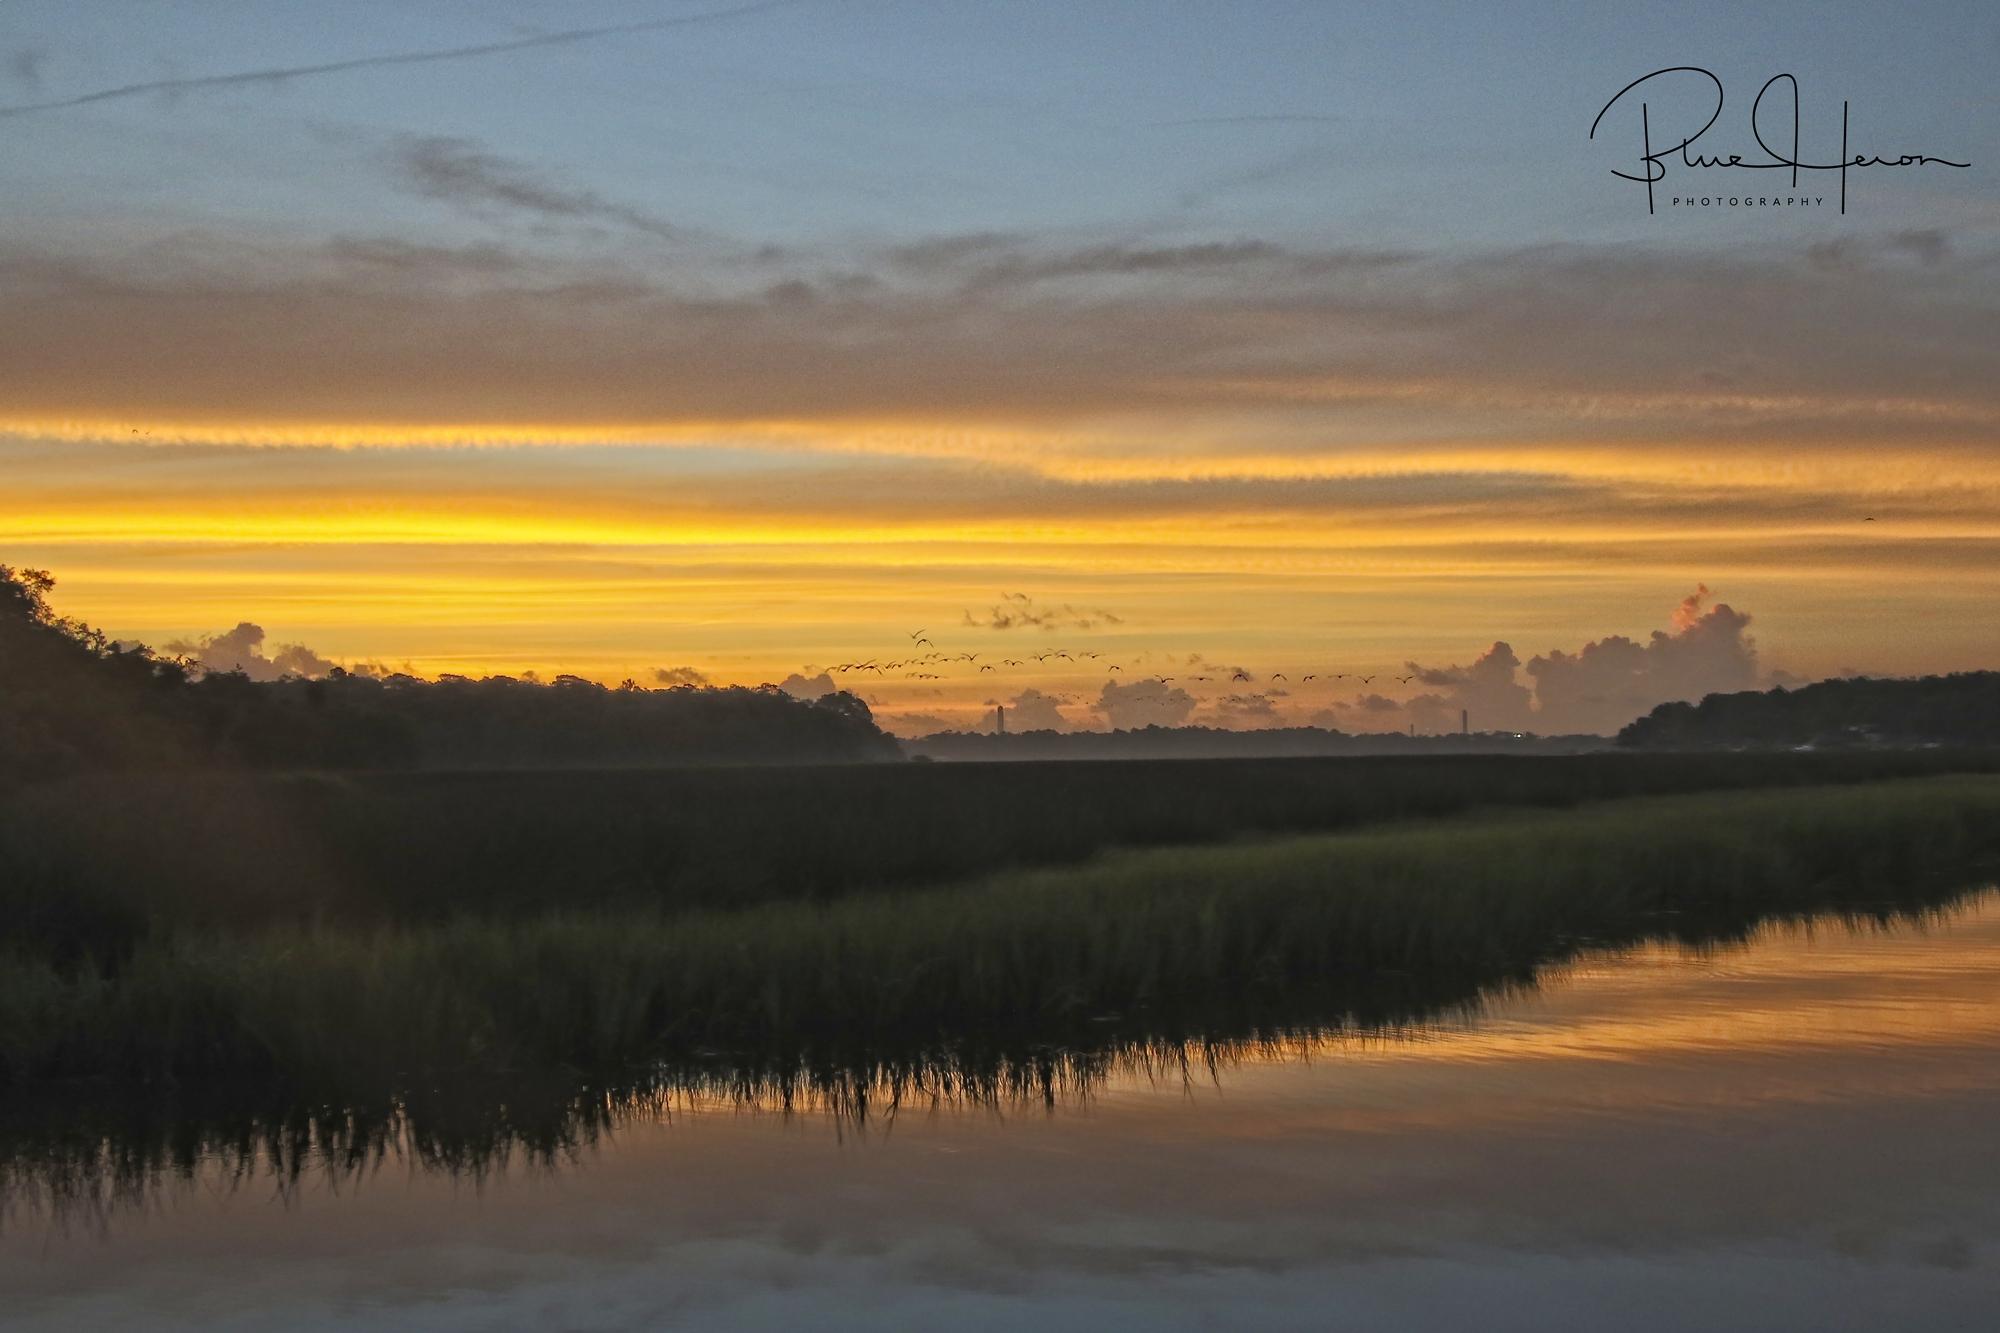 Morning breaks over the Broward